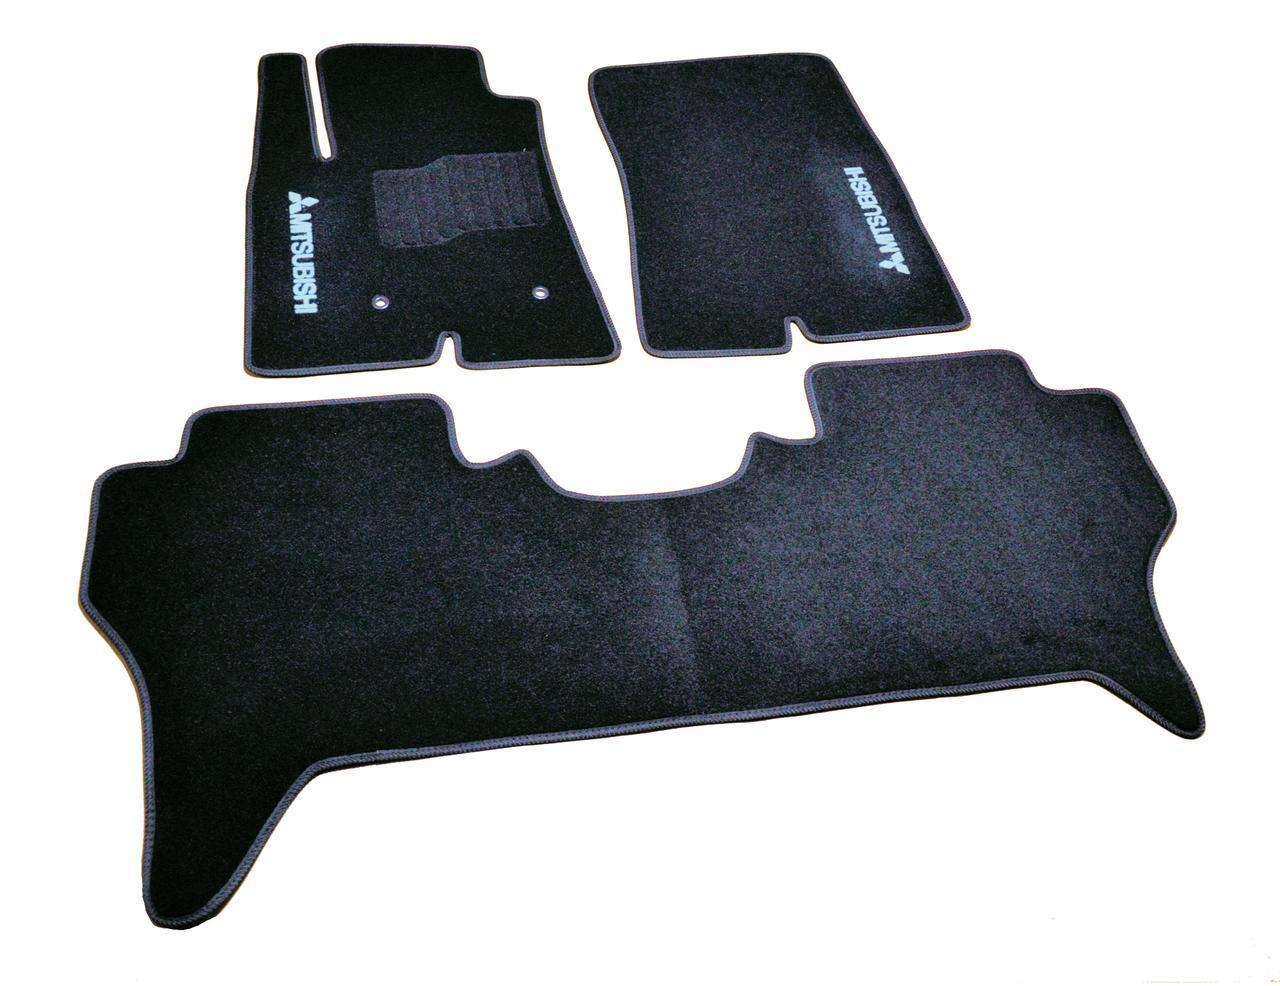 Килимки в салон ворсові Mitsubishi Pajero IV (2006-) 5 дв. /Чорні, кт. 3шт